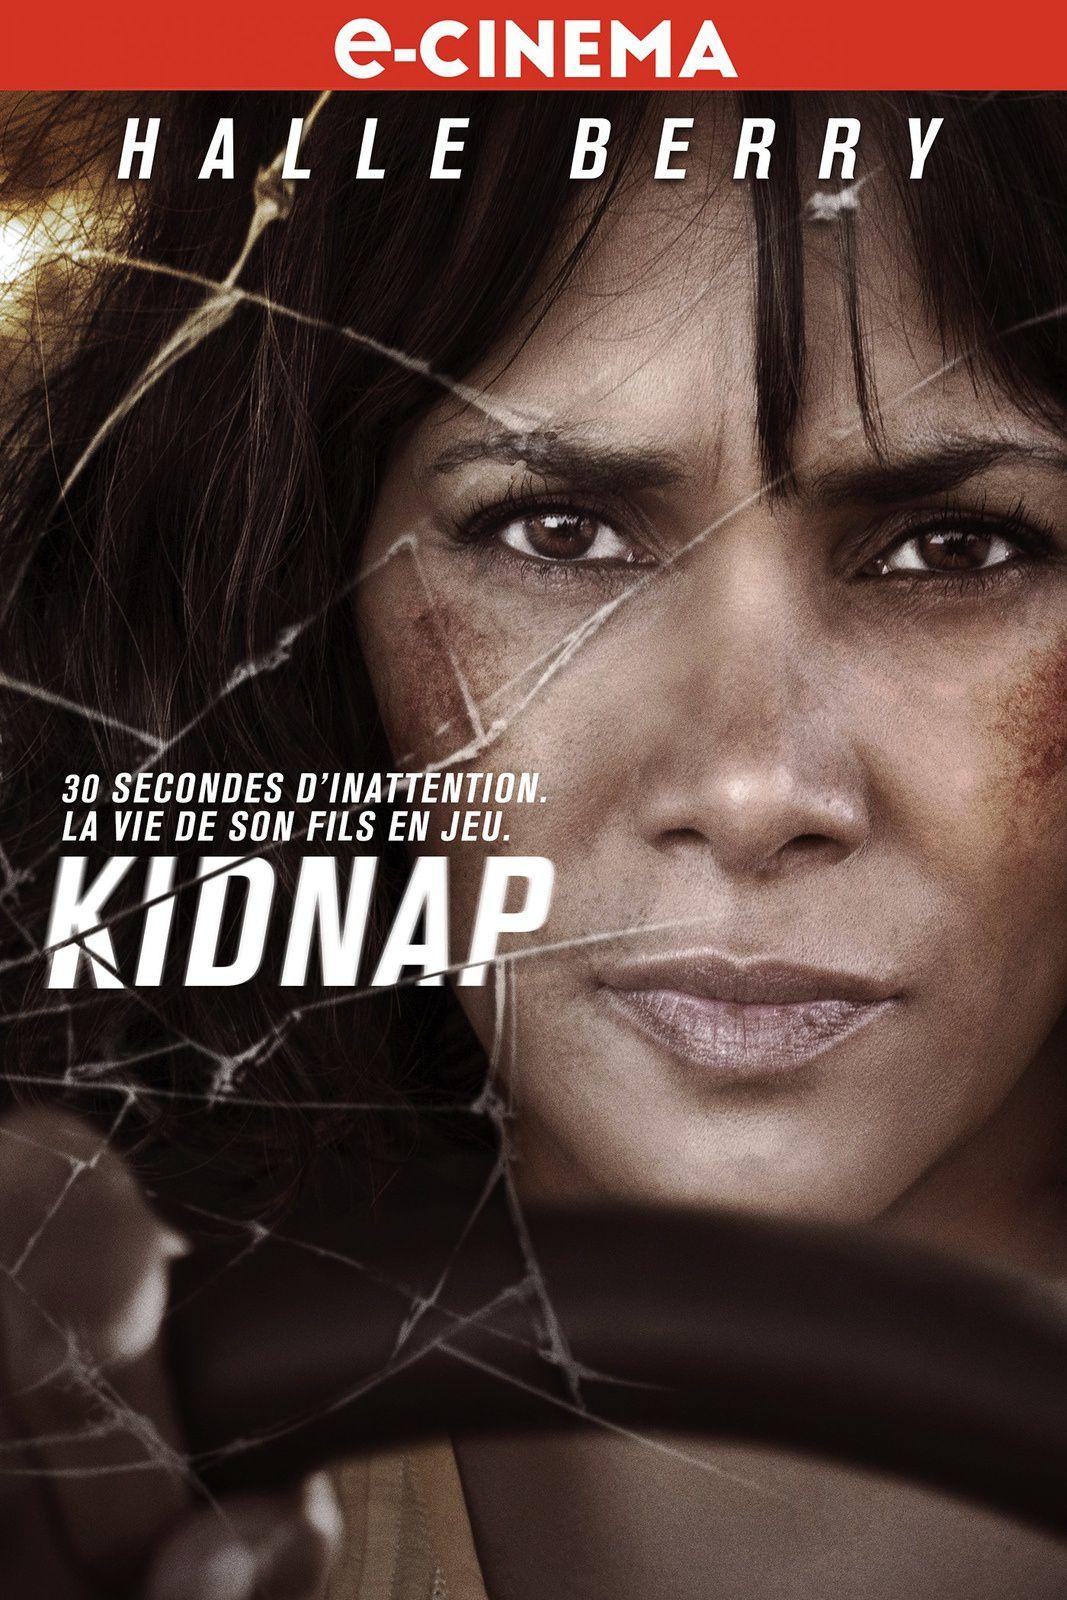 KIDNAP avec Halle Berry en e-cinema le 14 septembre 2017 chez TF1 Studio